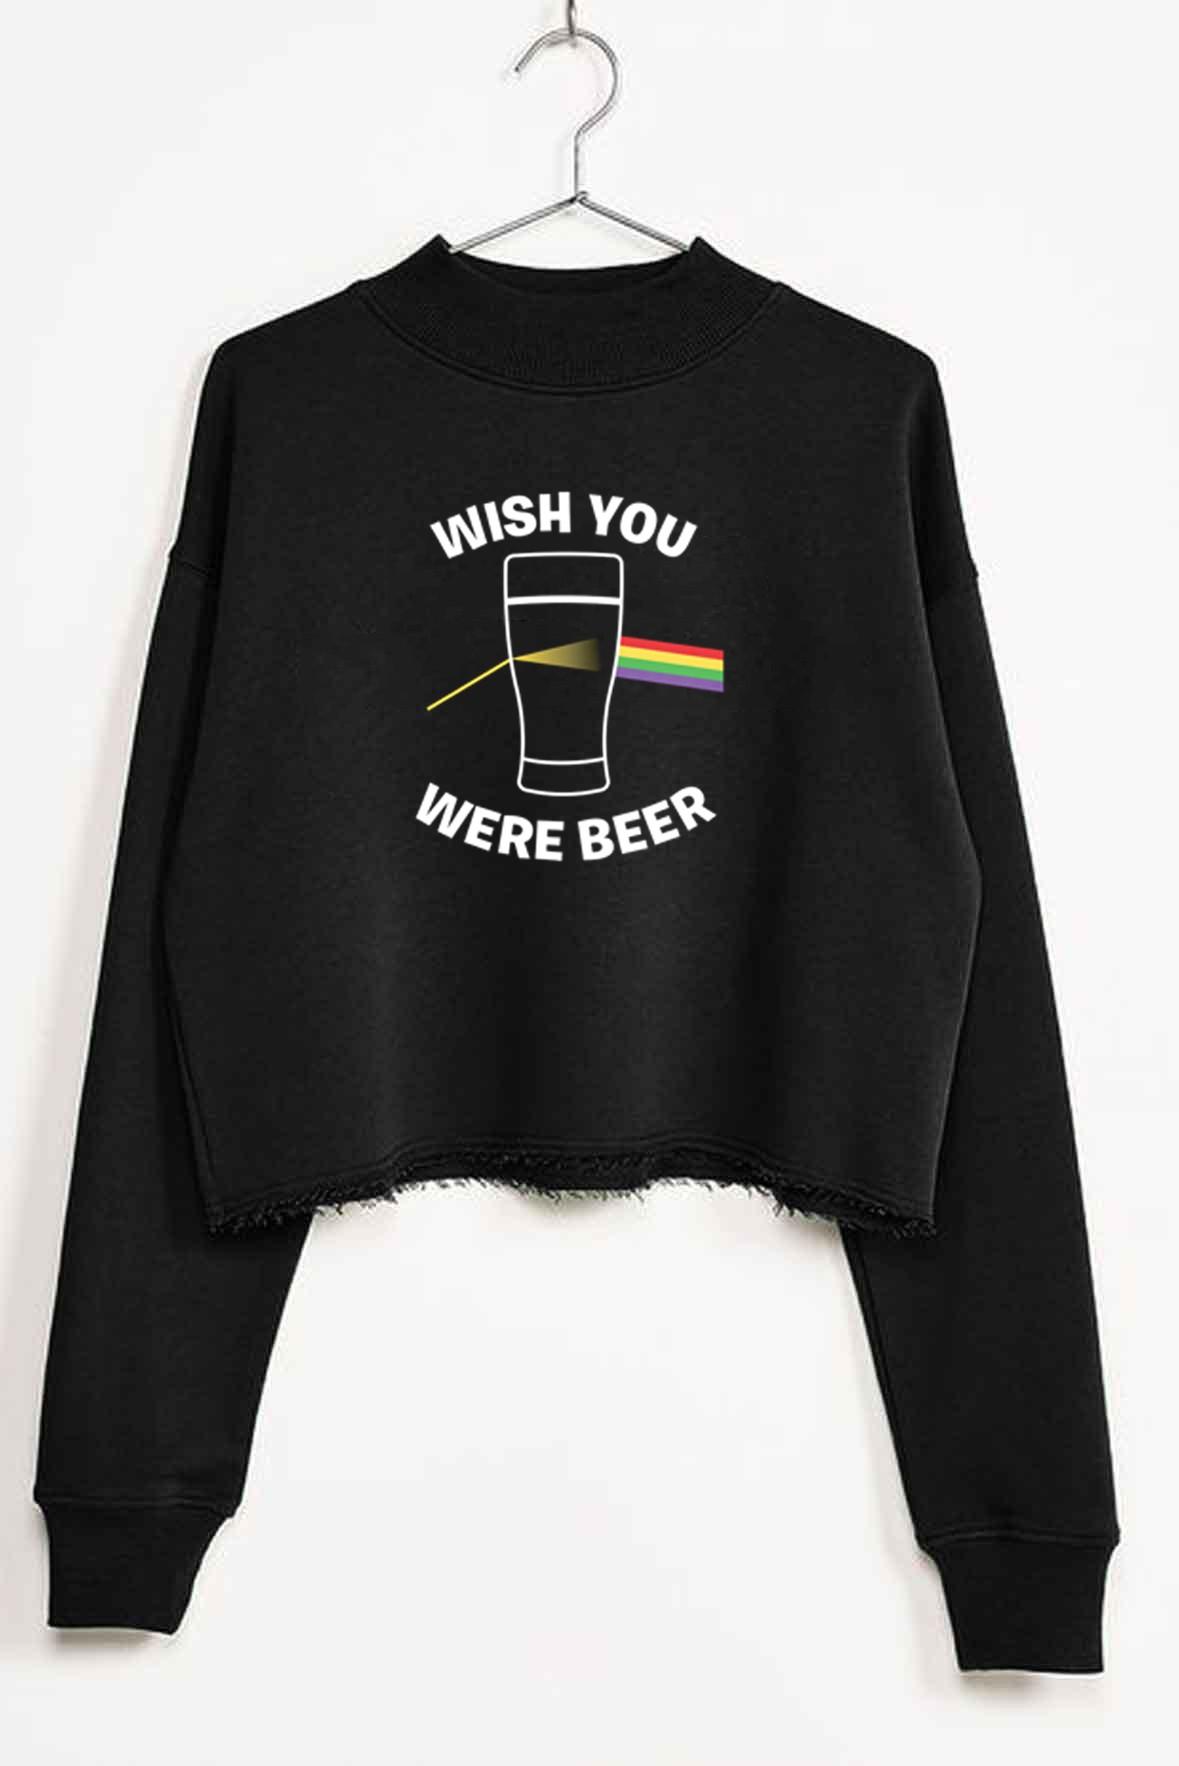 Wish you were beer Crop sweatshirt